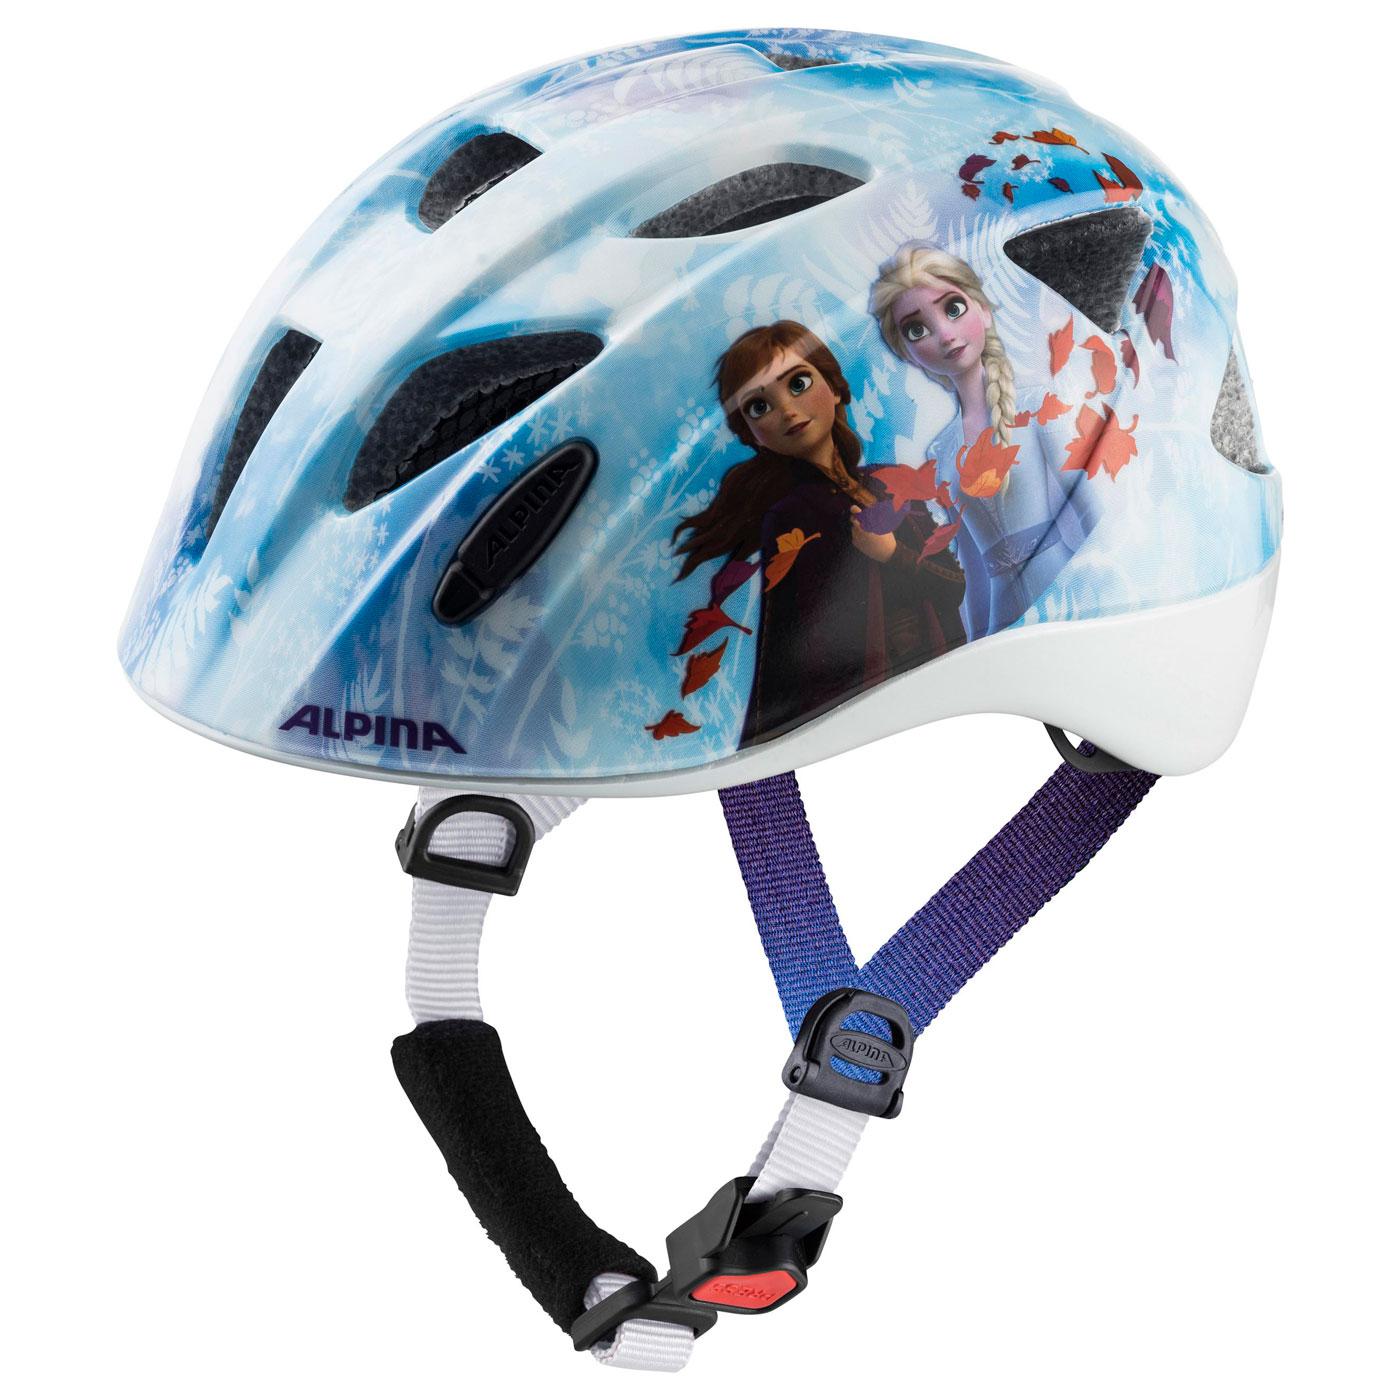 Alpina Ximo Disney Kids Helmet - Frozen II